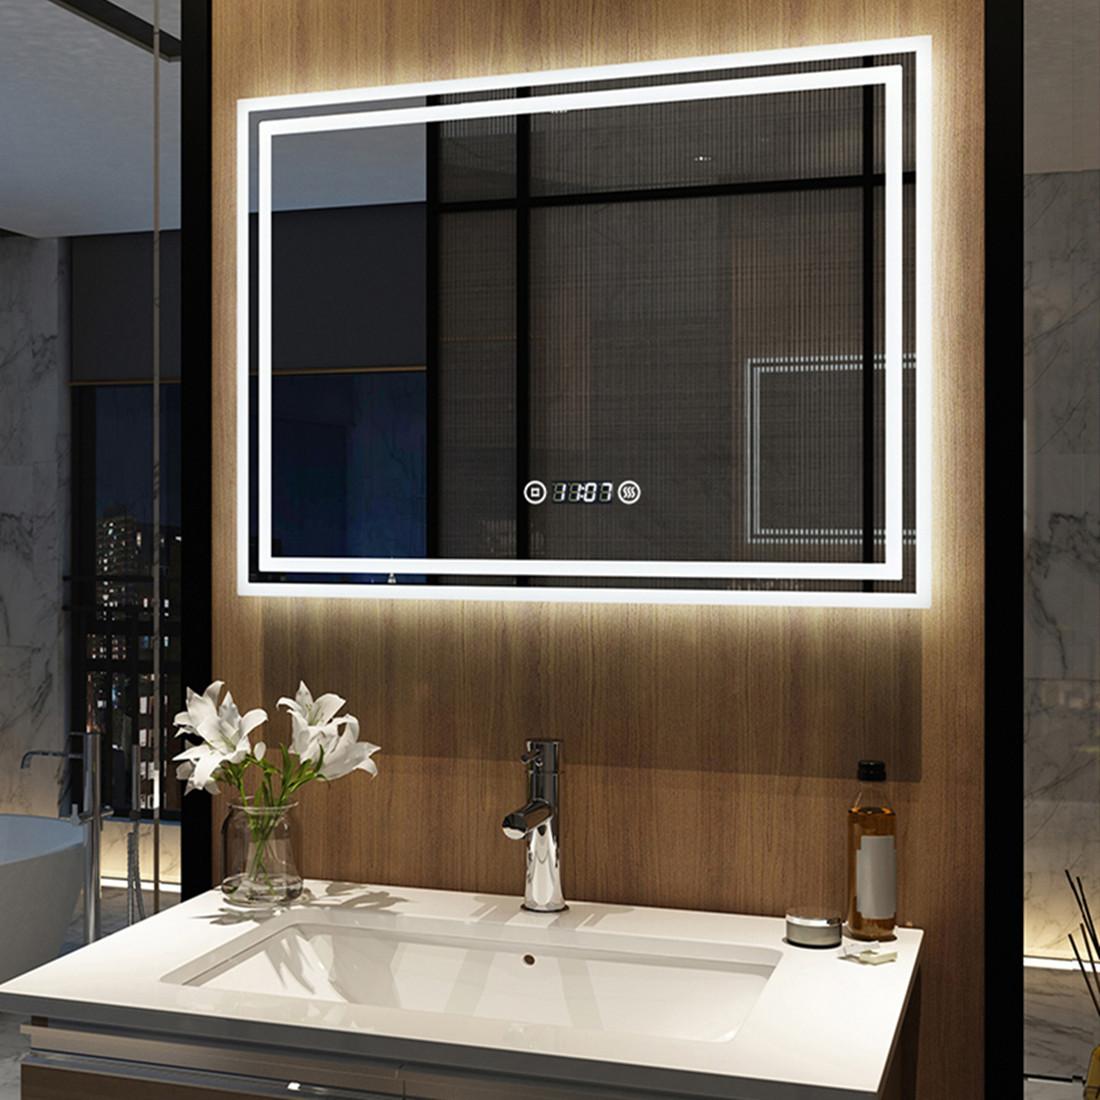 Details zu Badezimmerspiegel 9x9 mit Uhr Touch Dimmbar Helligkeit  Badspiegel LED Spiegel